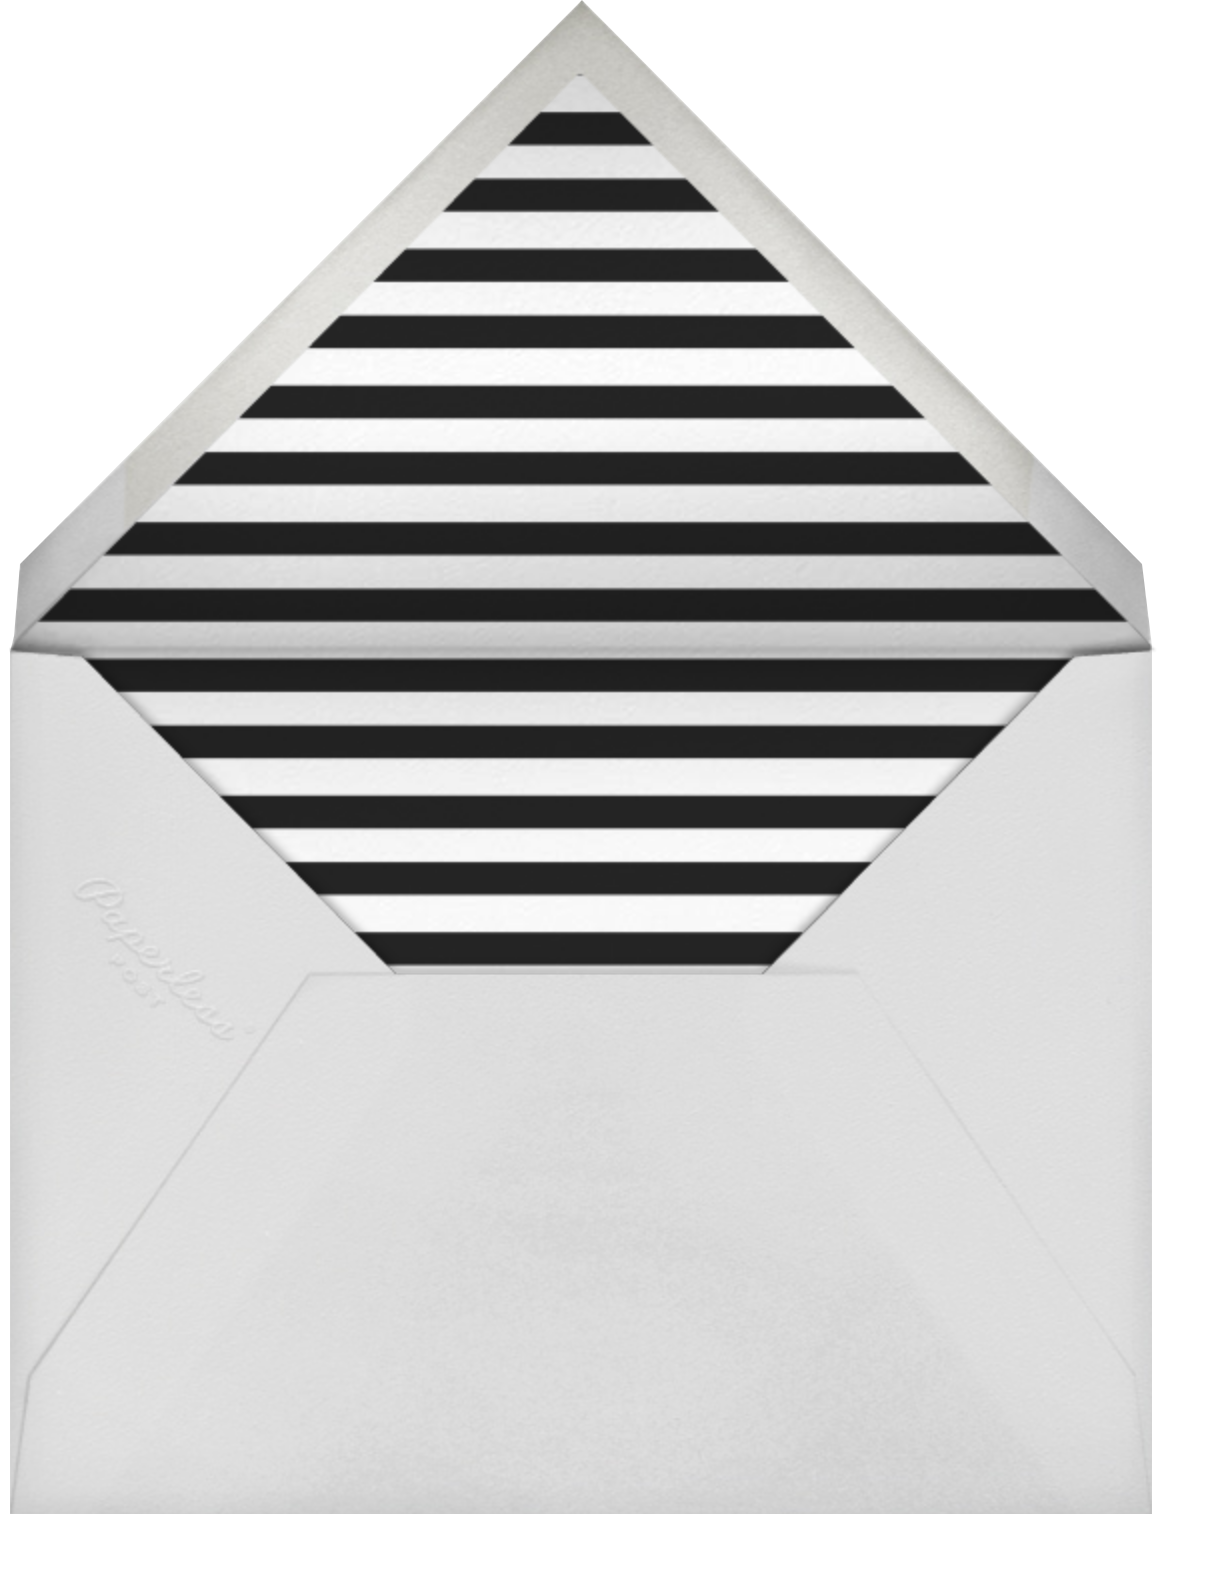 Scalloped Border - Cadet - kate spade new york - Adult birthday - envelope back